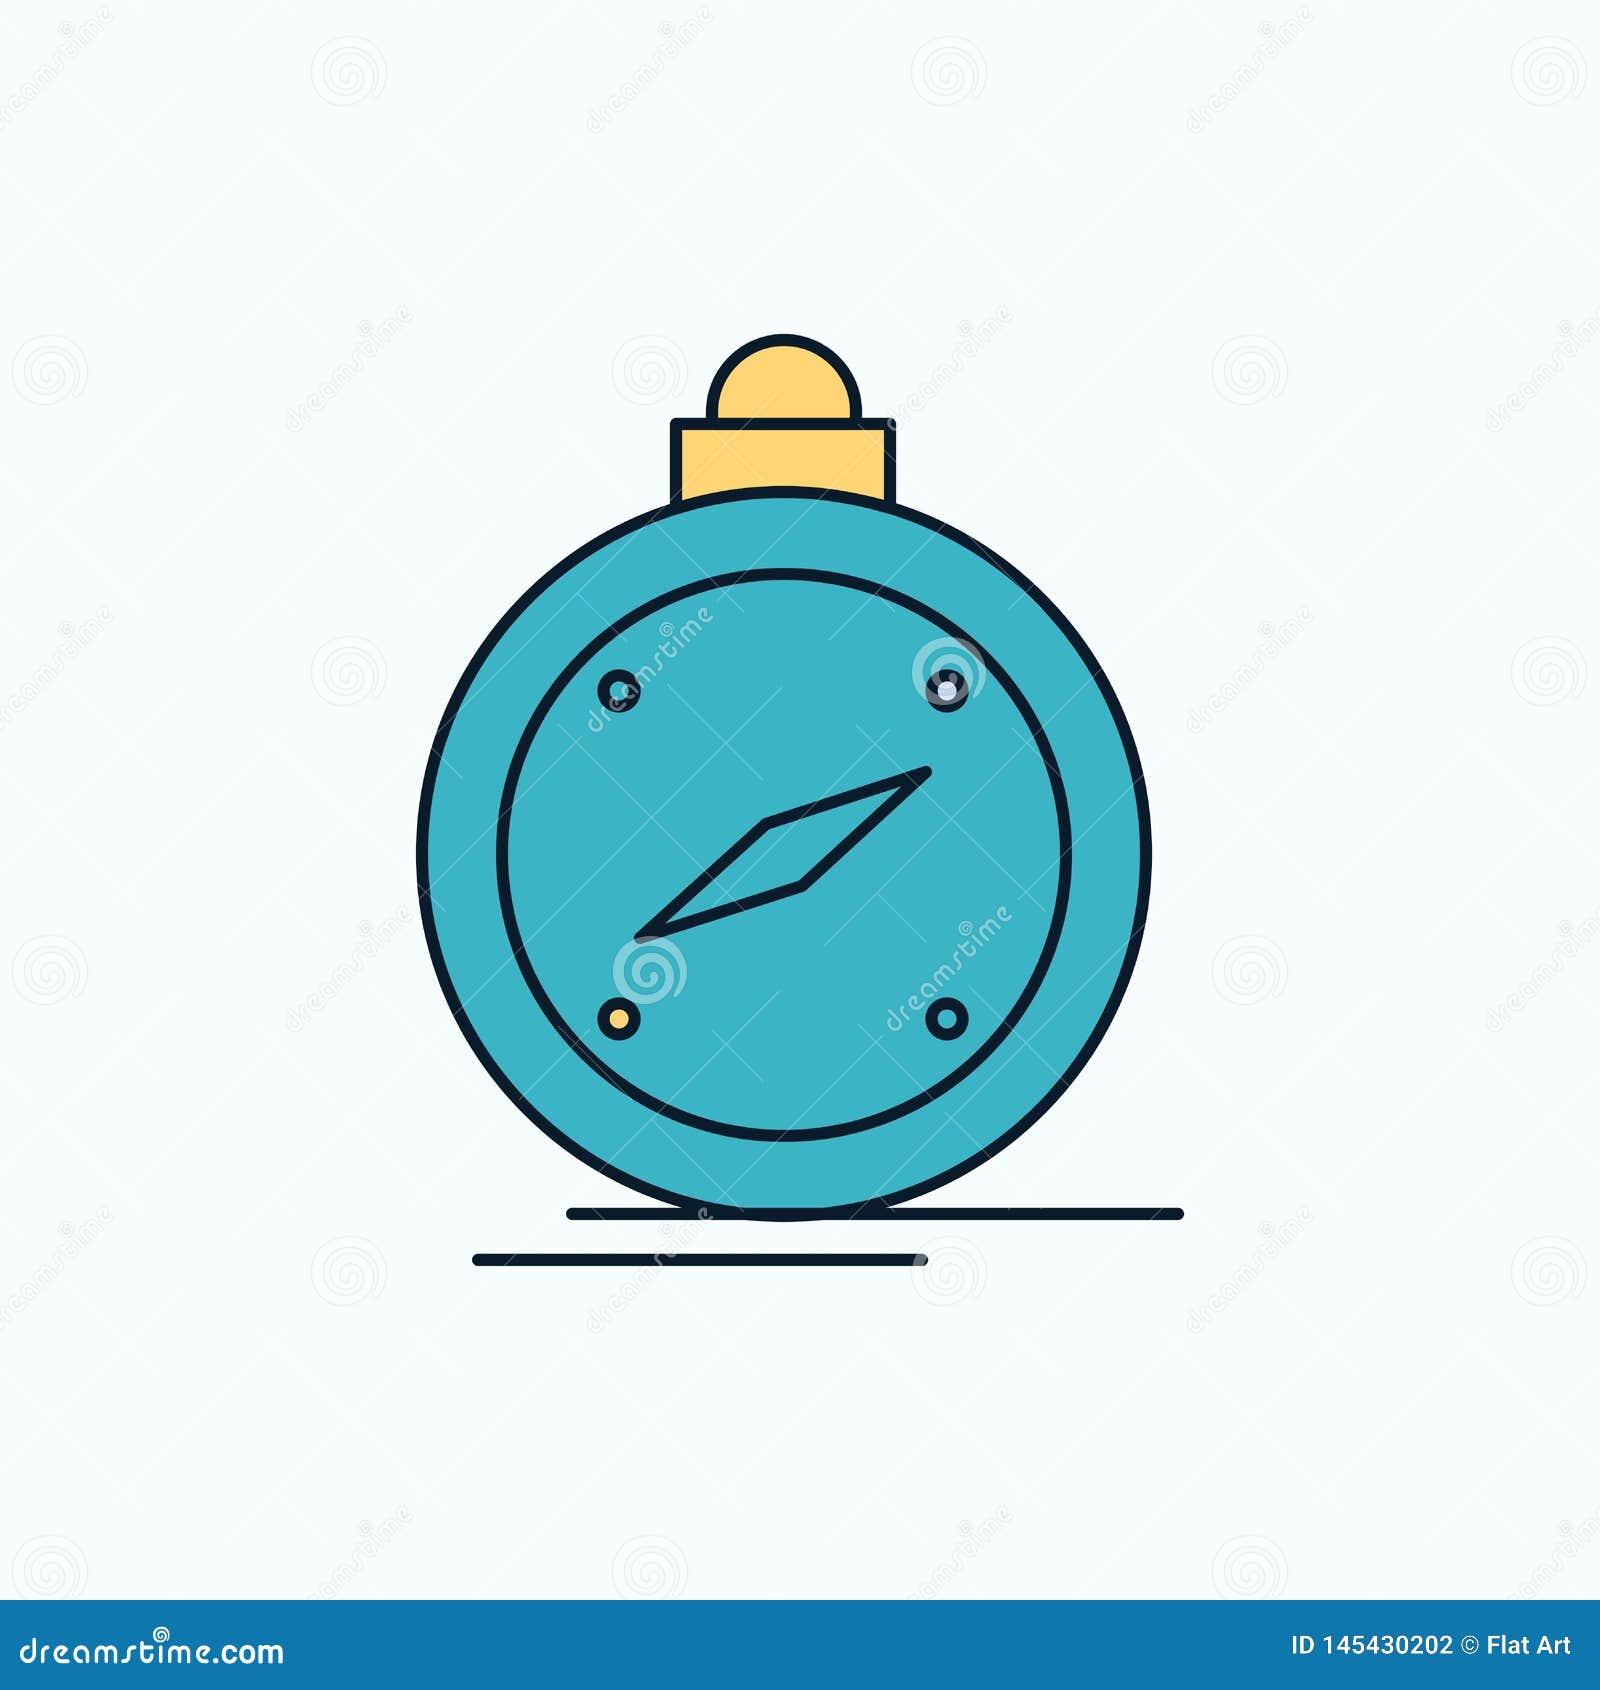 Kompass riktning, navigering, gps, plan symbol för läge gr?nt och gult tecken och symboler f?r website och mobil appliation